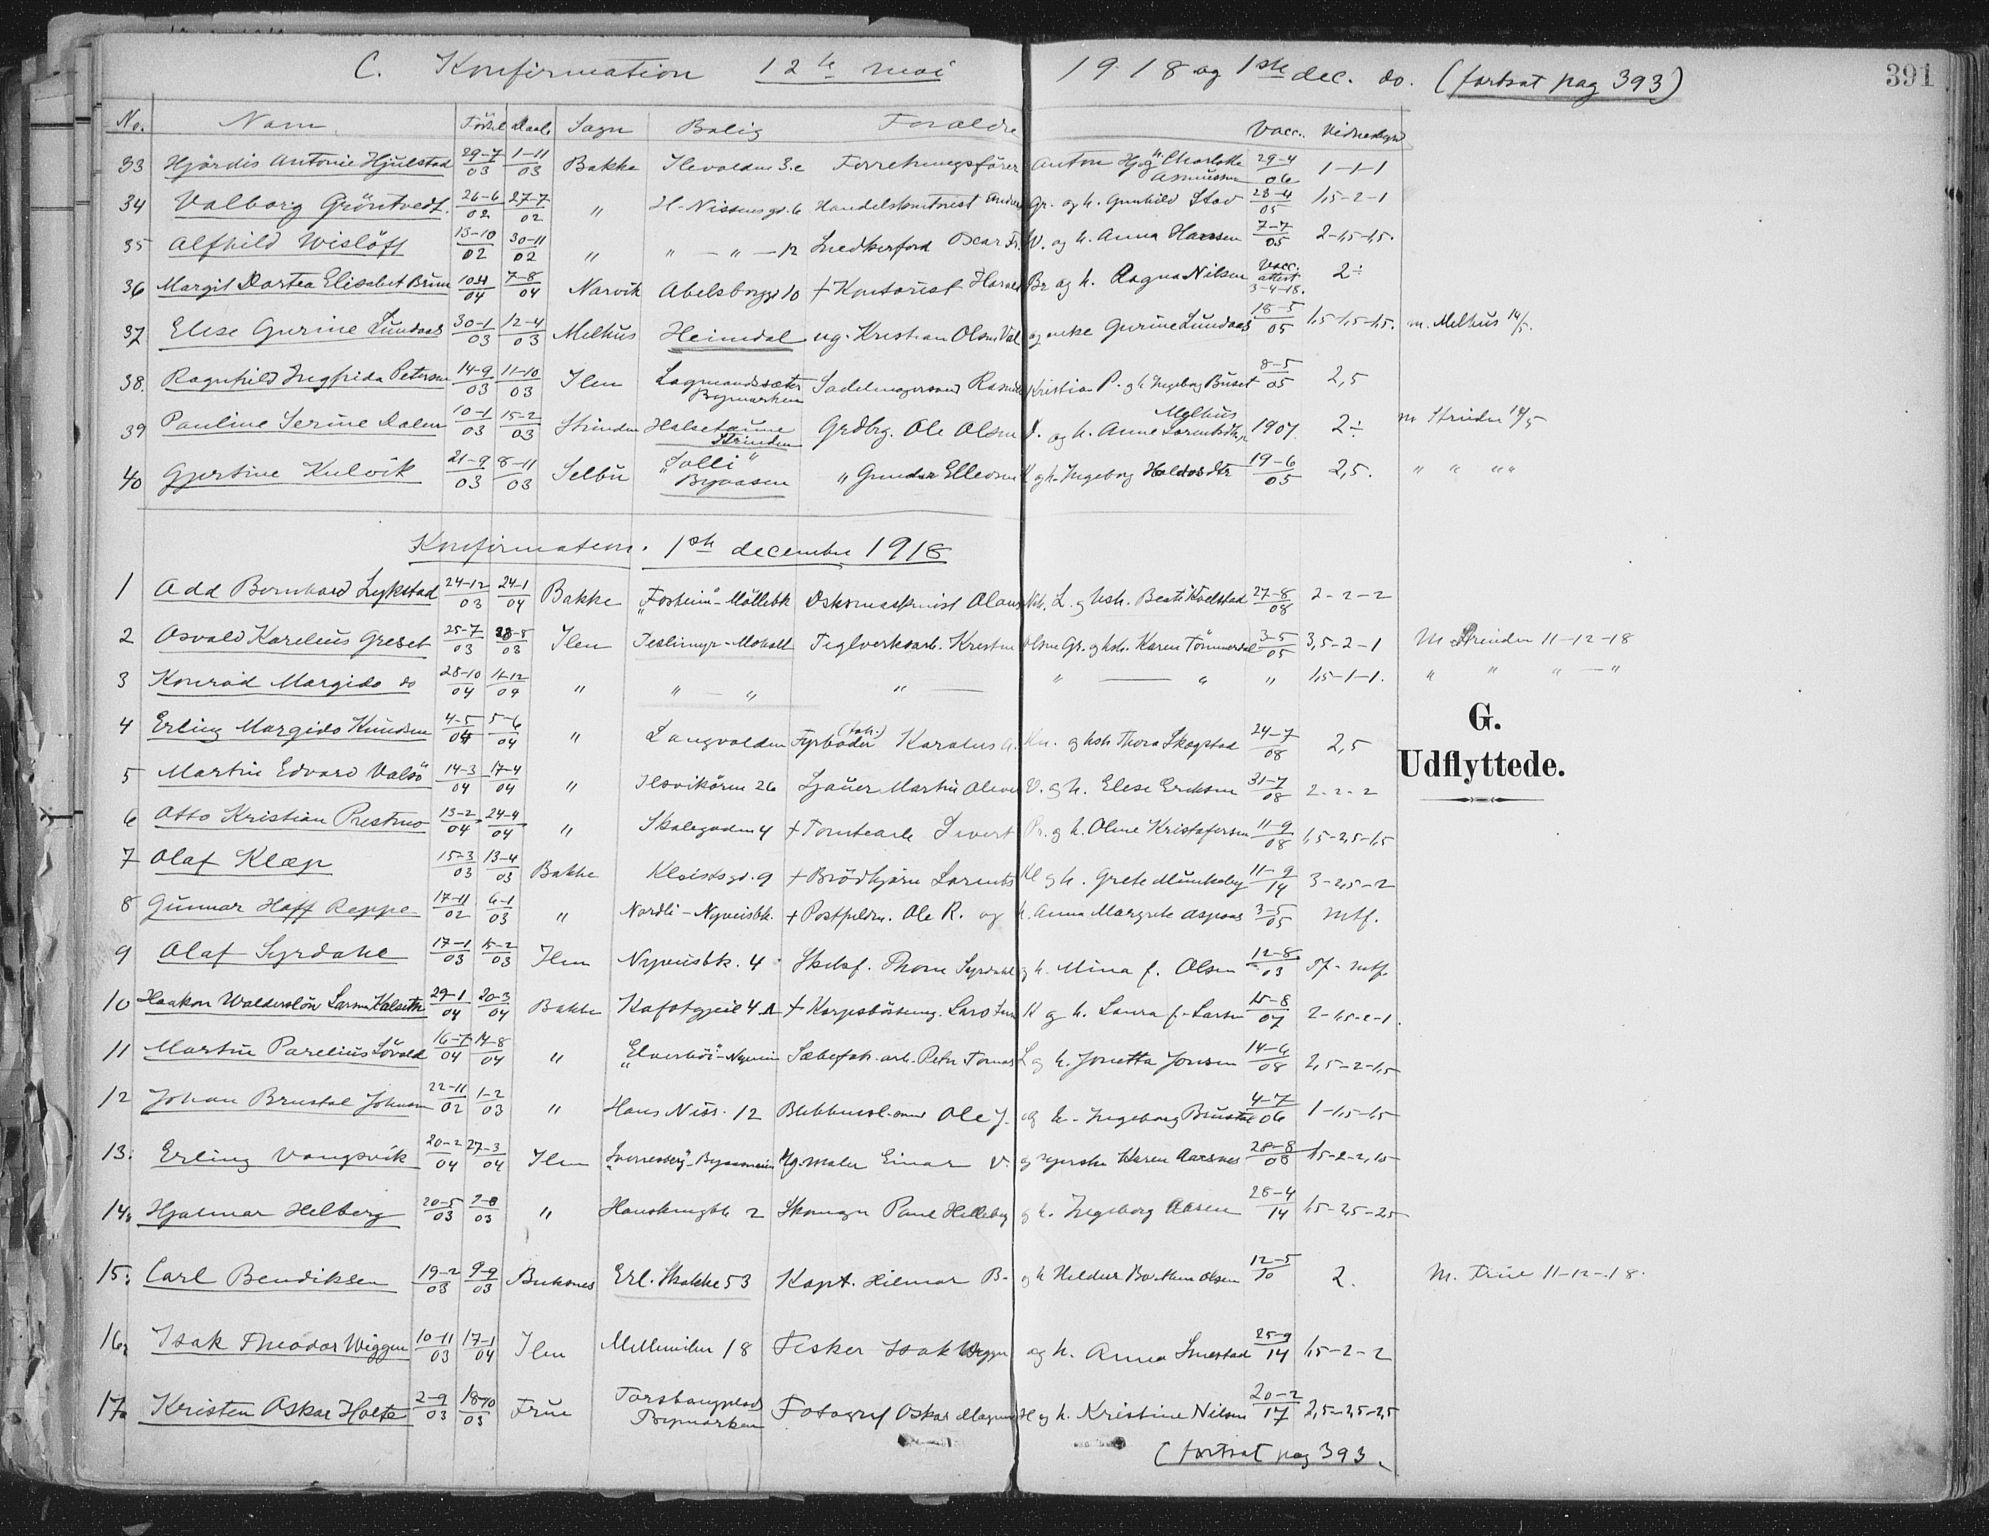 SAT, Ministerialprotokoller, klokkerbøker og fødselsregistre - Sør-Trøndelag, 603/L0167: Ministerialbok nr. 603A06, 1896-1932, s. 391